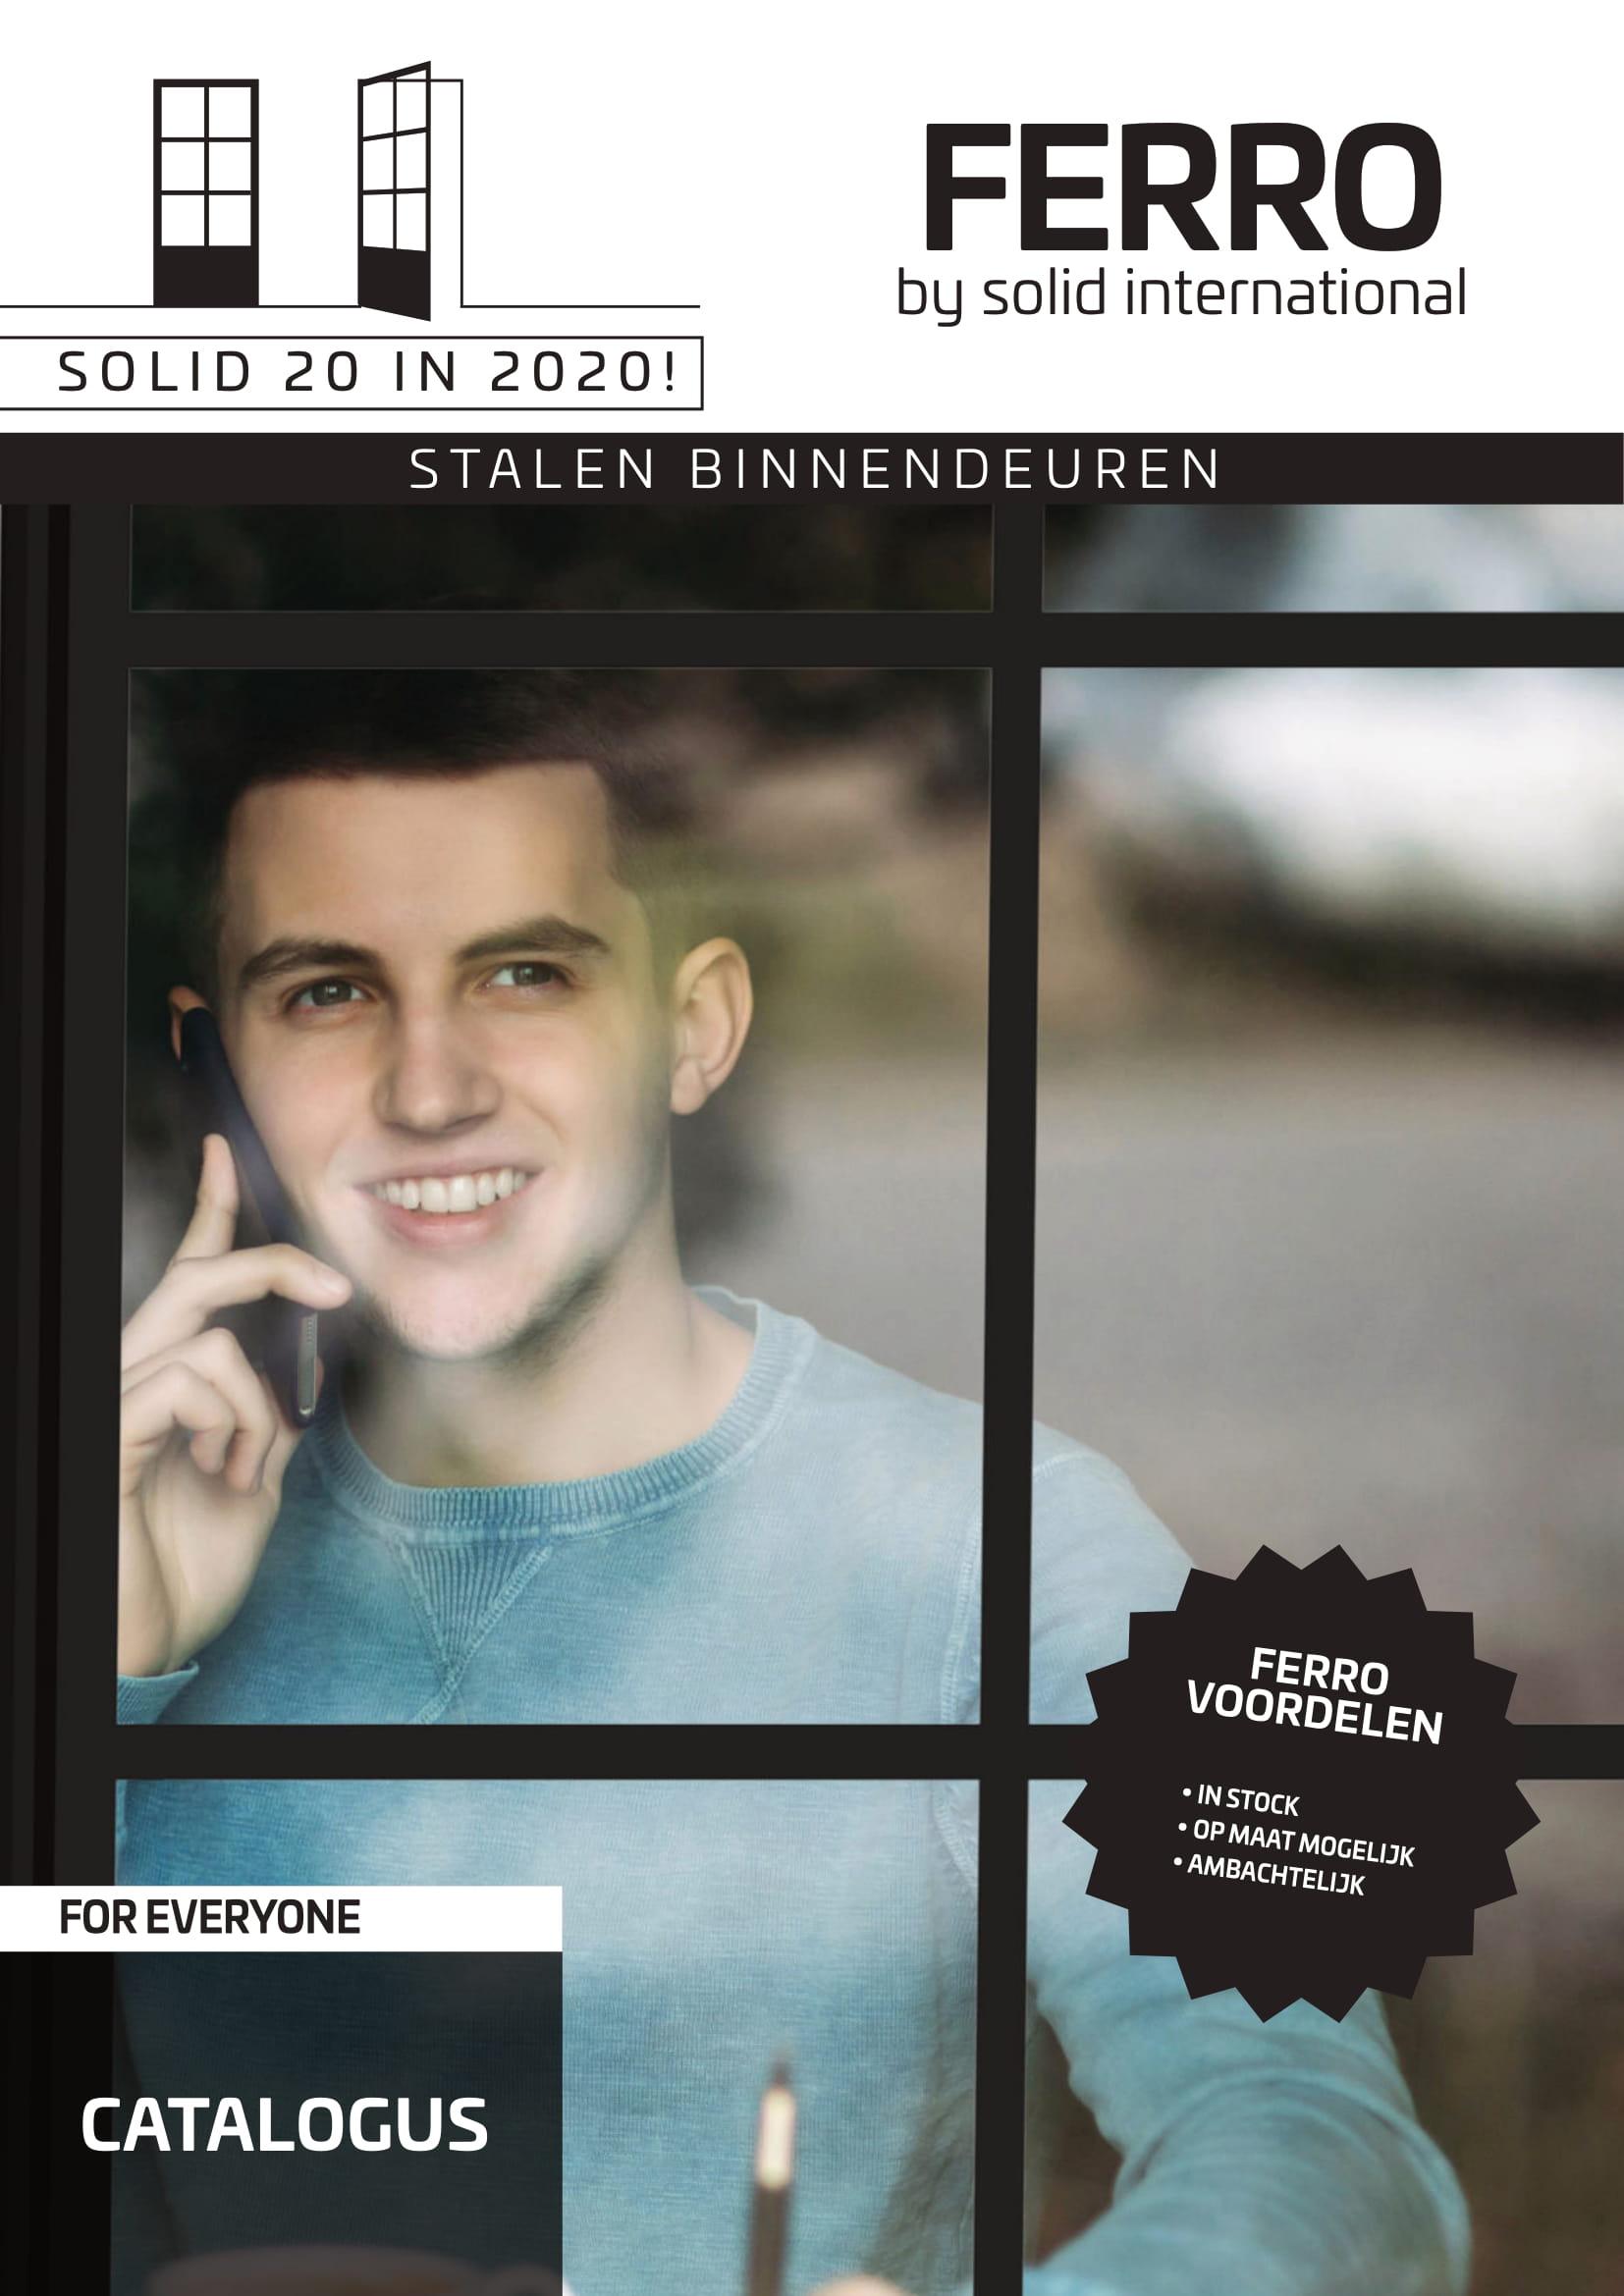 Stalen binnendeuren cover brochure